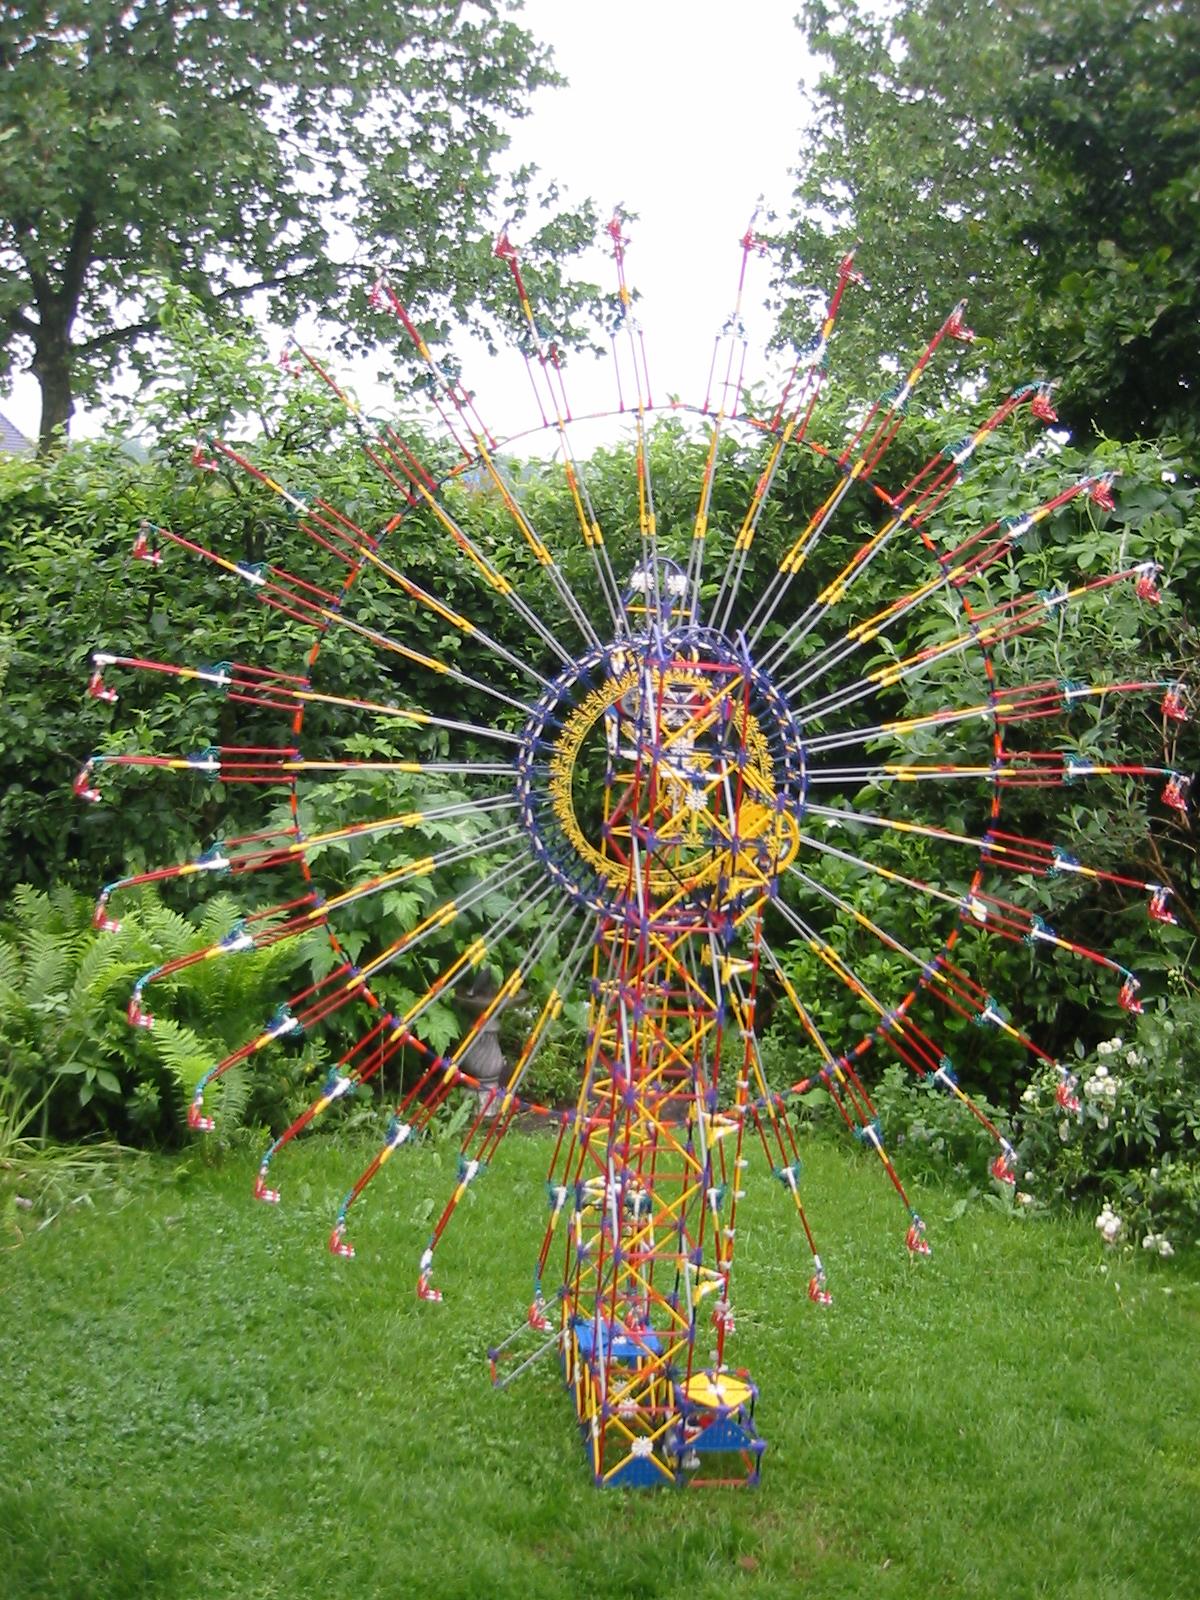 K'nex Giant Ferris Wheel